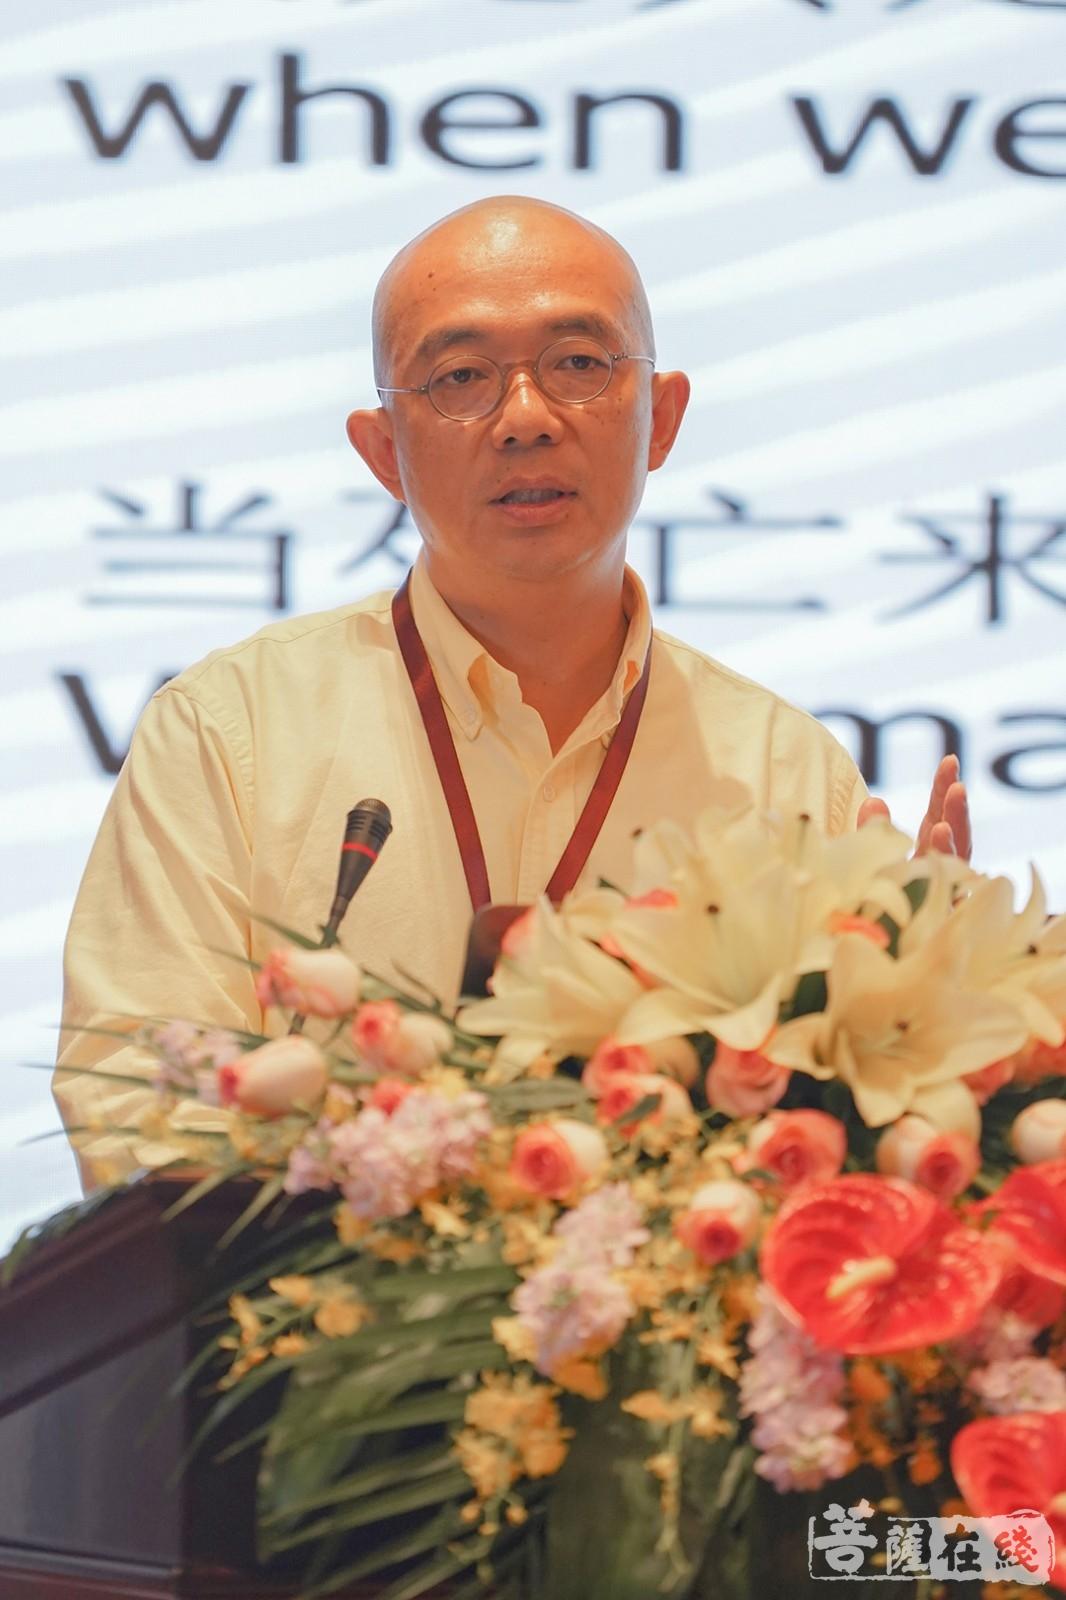 """赵越作""""面对生死学的科学与智慧""""主题发言(图片来源:菩萨在线 摄影:唐雪凤)"""